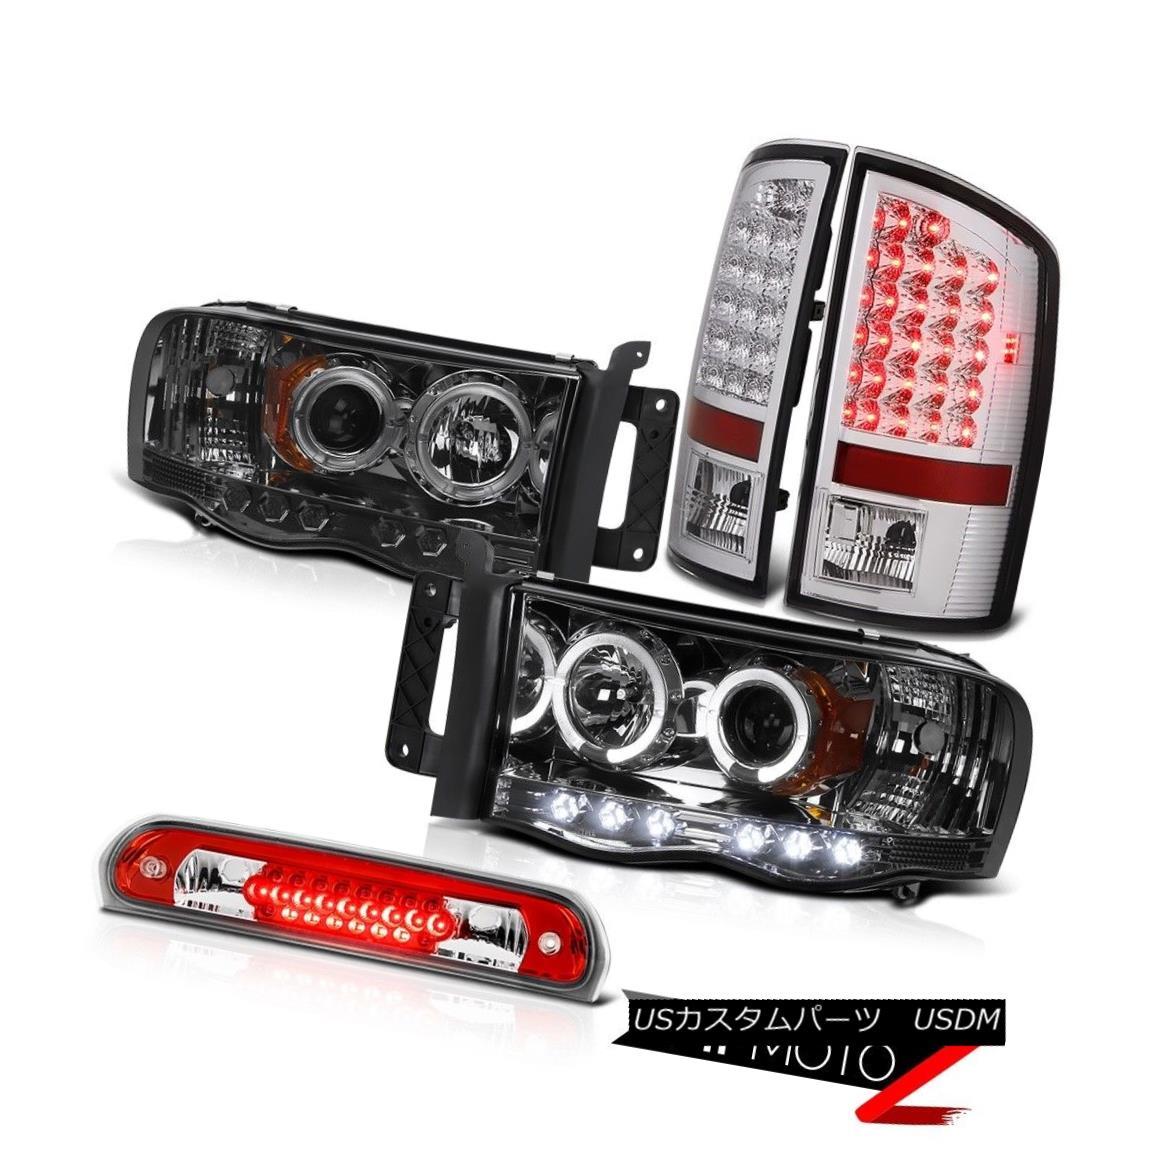 テールライト Dark Halo Projector Headlights Taillight Wine Red Third Brake LED 02-05 Ram 1500 ダークハロープロジェクターヘッドライトテールライトワインレッド第3ブレーキLED 02-05 Ram 1500